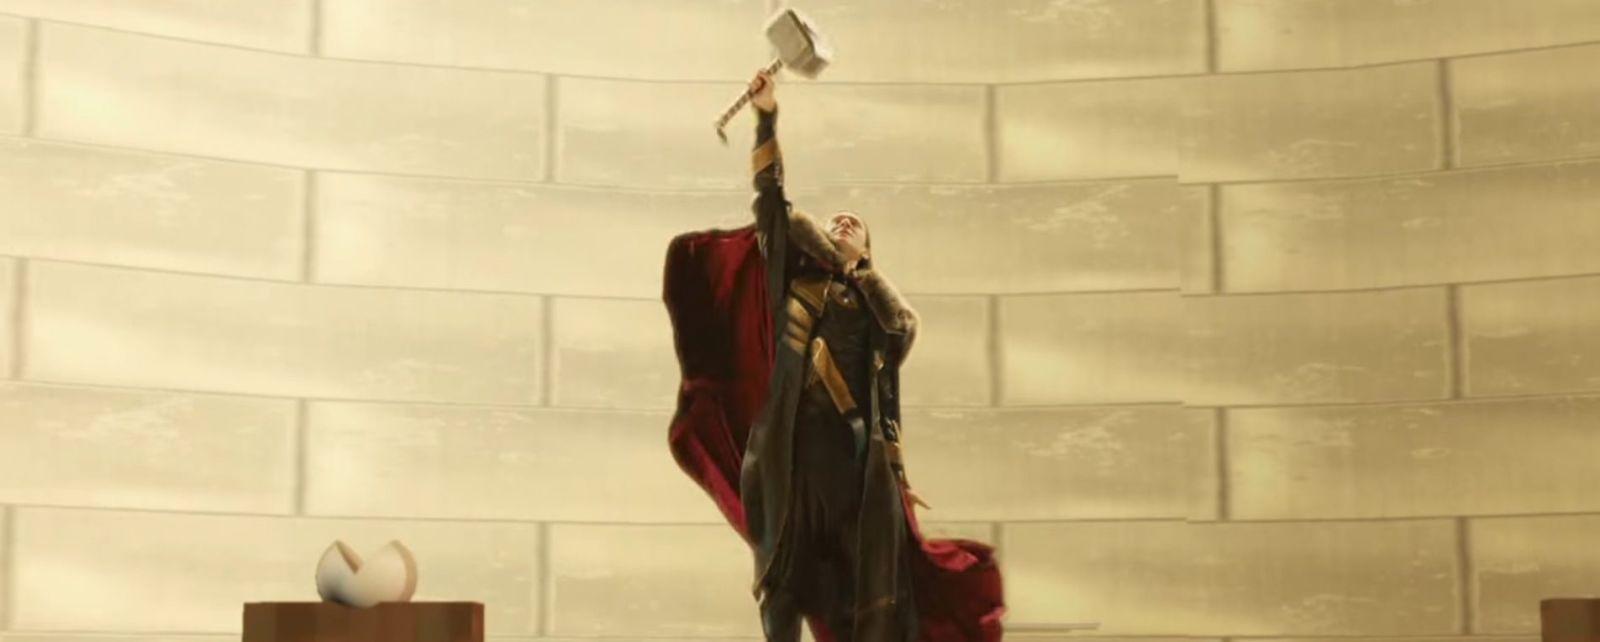 watch tom hiddleston s loki wield mjolnir in this amazing unseen